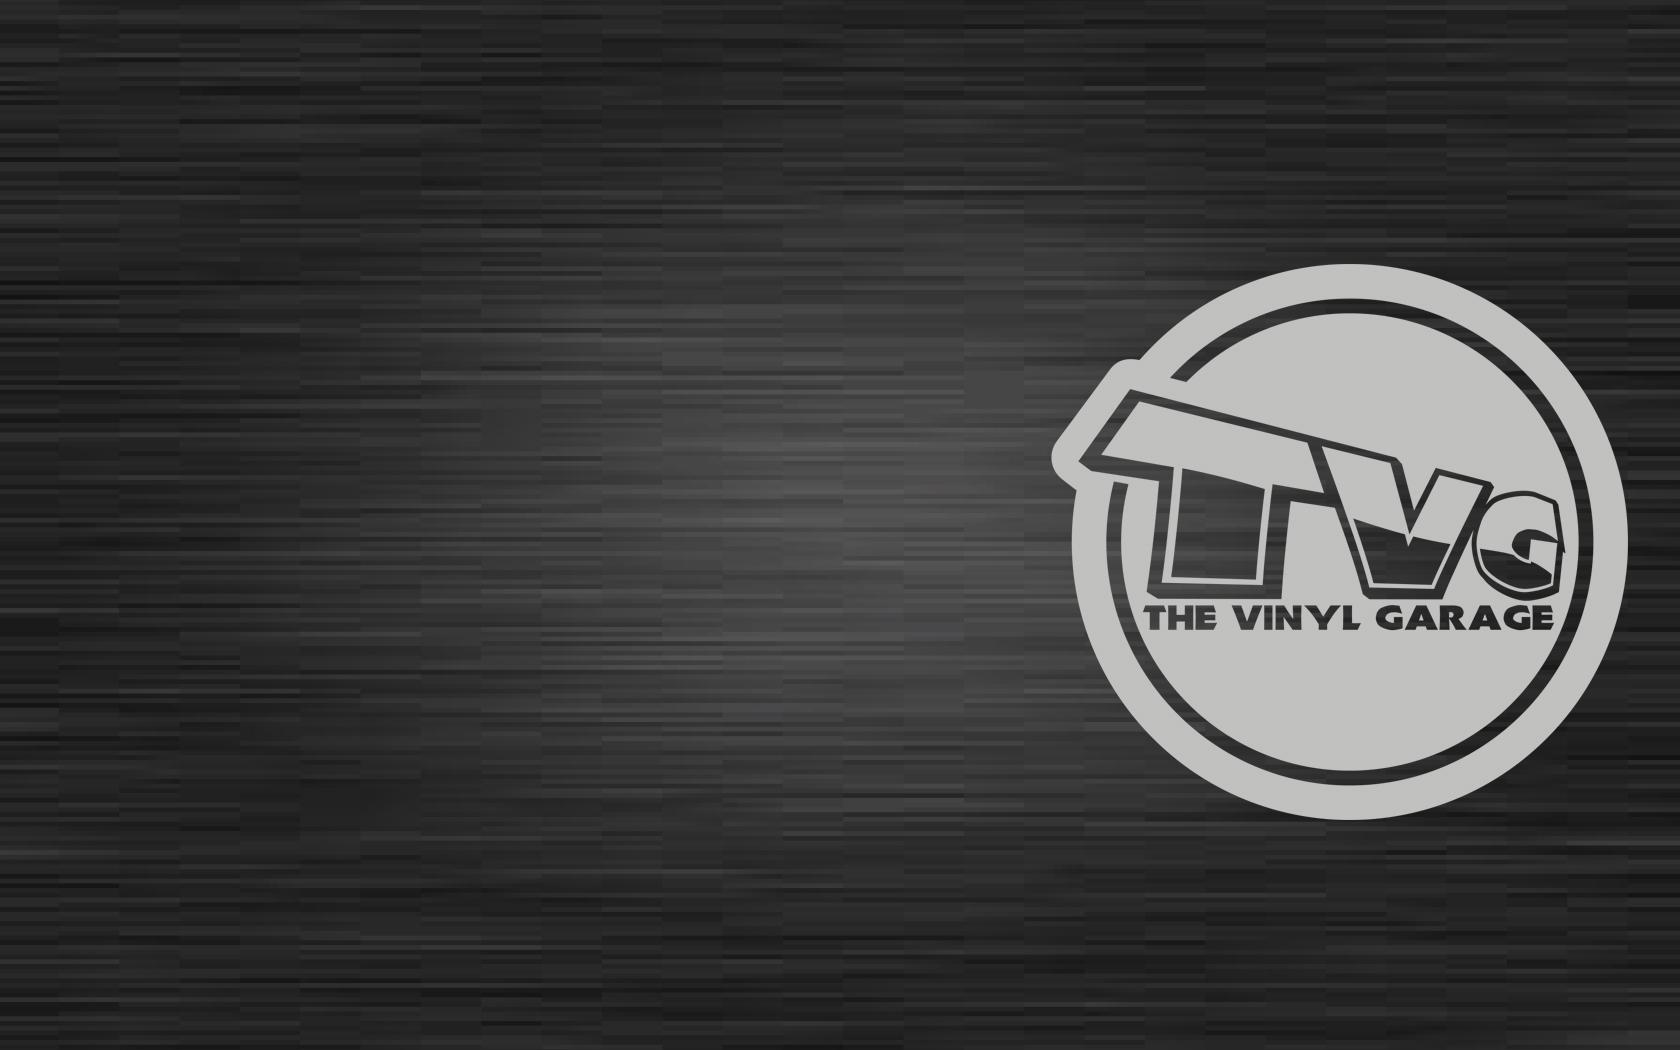 The Vinyl Garage